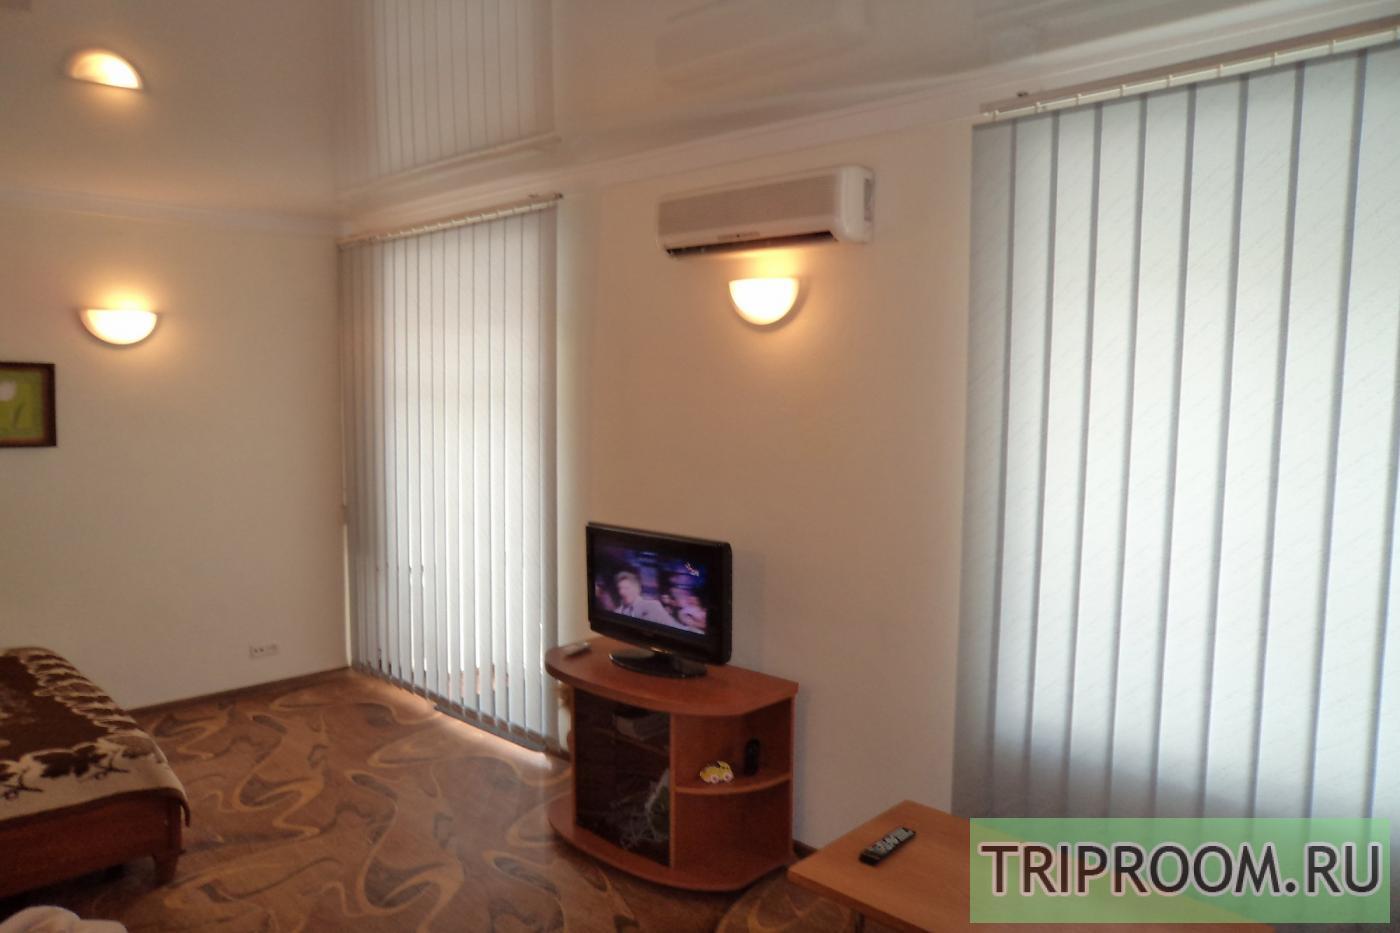 1-комнатная квартира посуточно (вариант № 23823), ул. БОльшая Морская улица, фото № 4